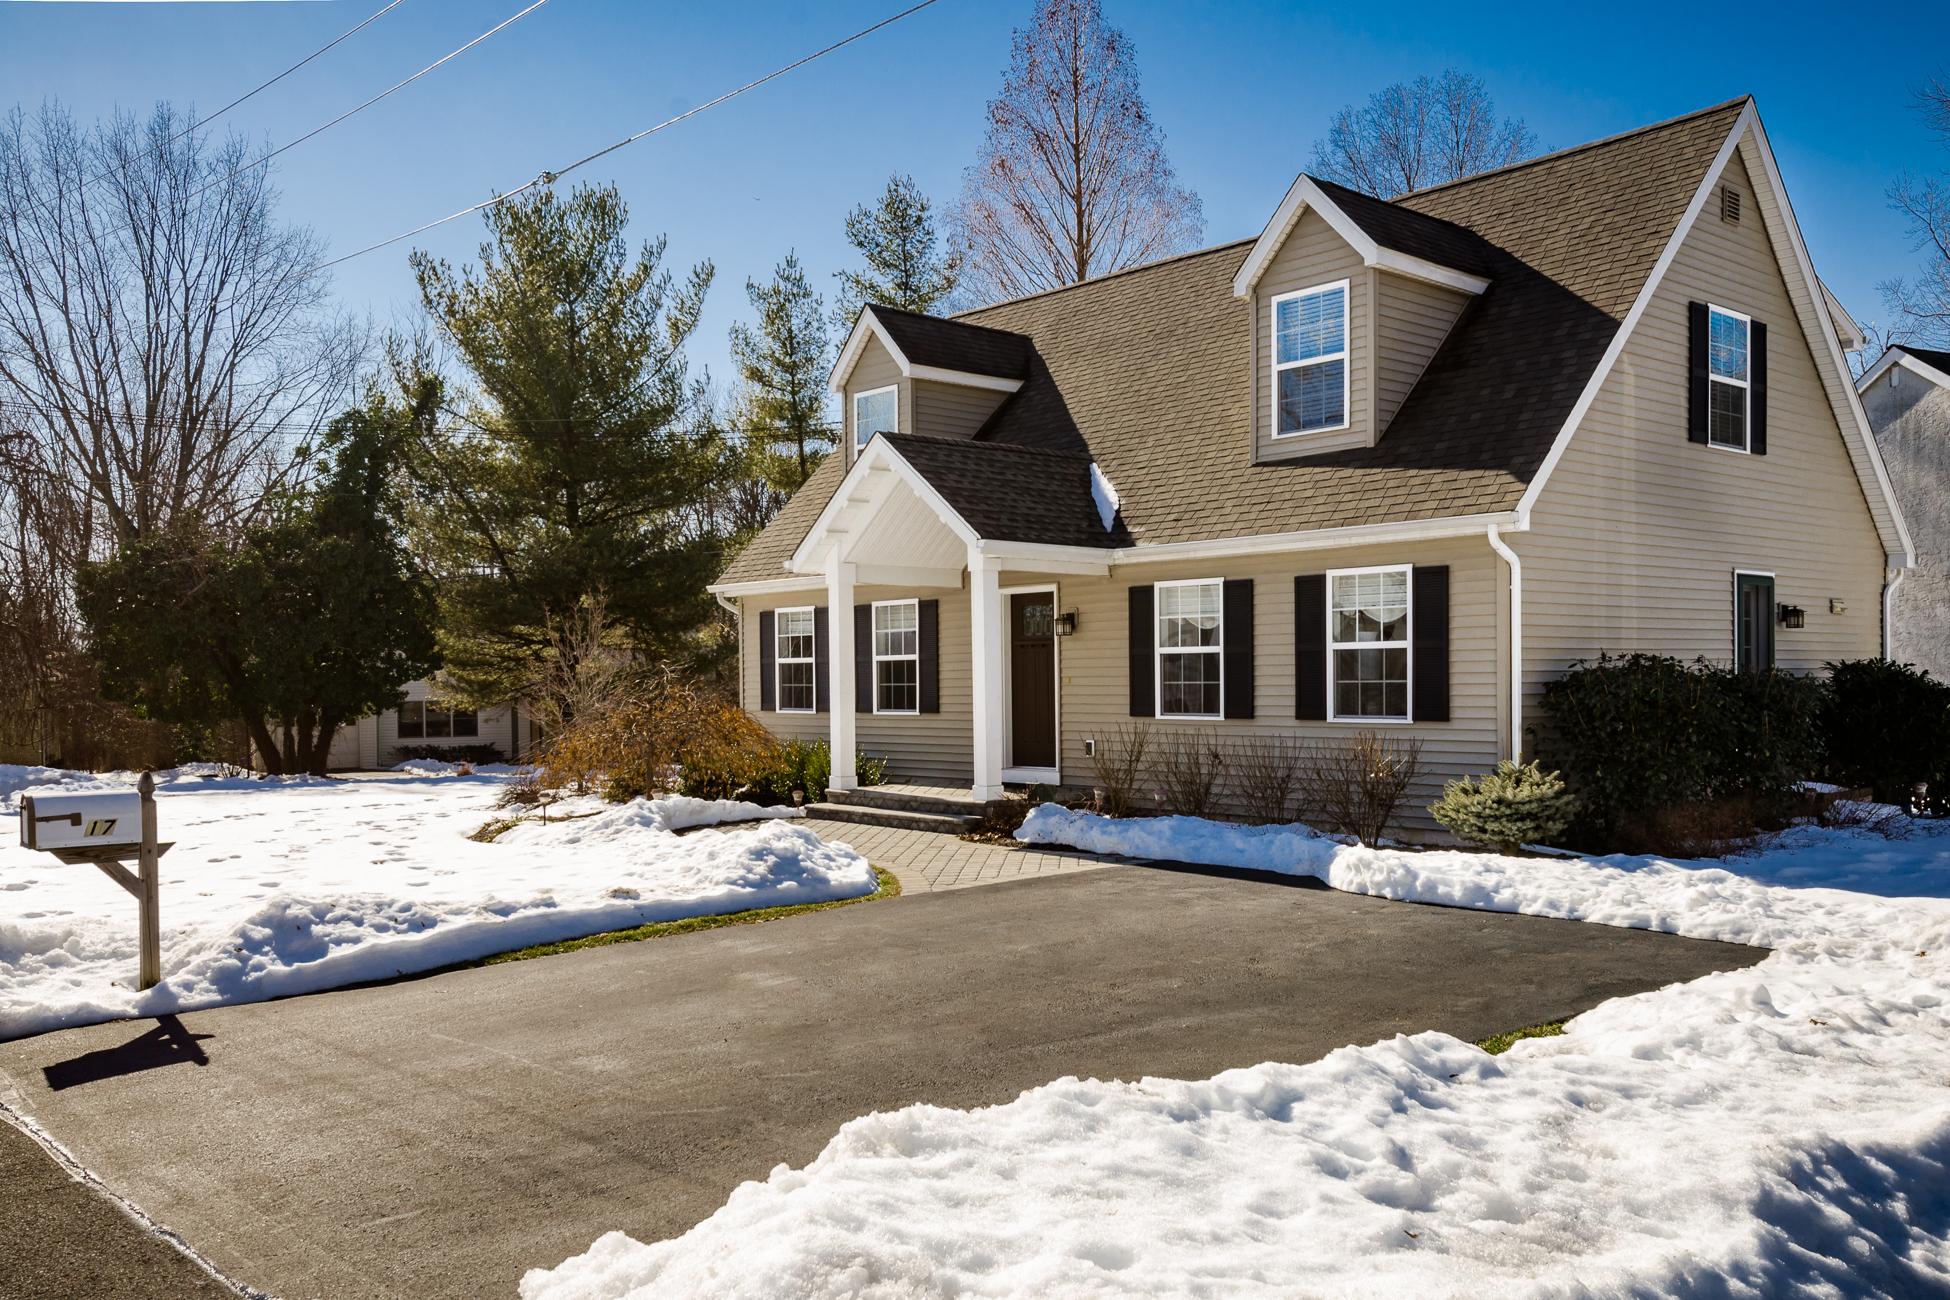 Villa per Vendita alle ore Pristine Cape Sparkles with Charm - South Brunswick Township 17 Lakeview Avenue Princeton, New Jersey 08540 Stati Uniti